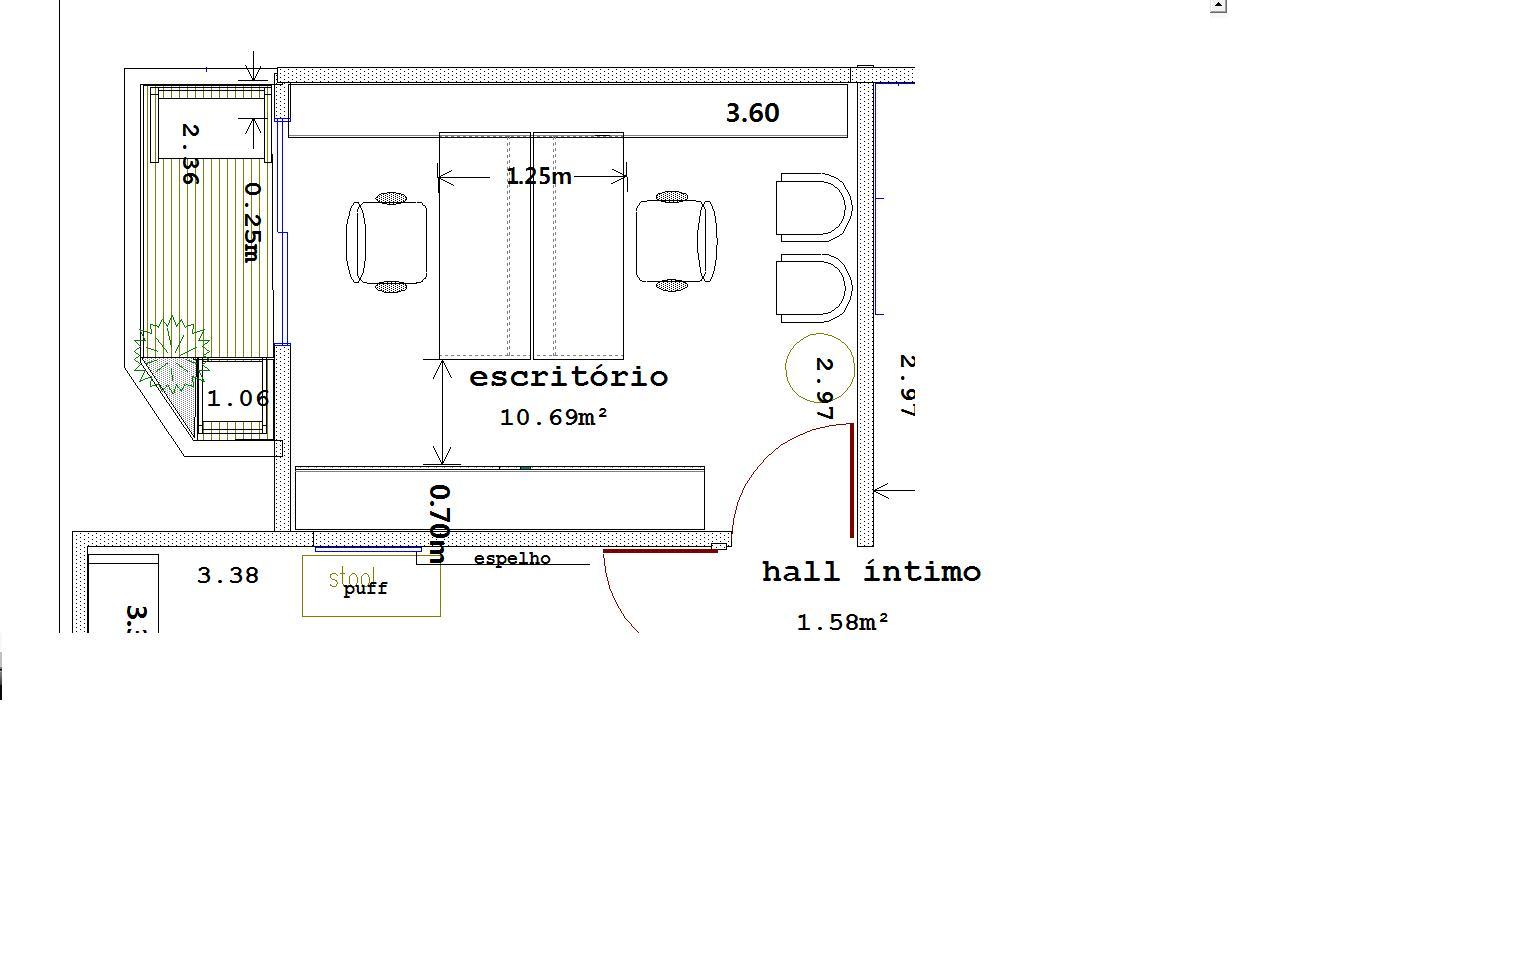 arquitetura & decor: um projeto de reforma plantas e algúns detalhes #864745 1536 960